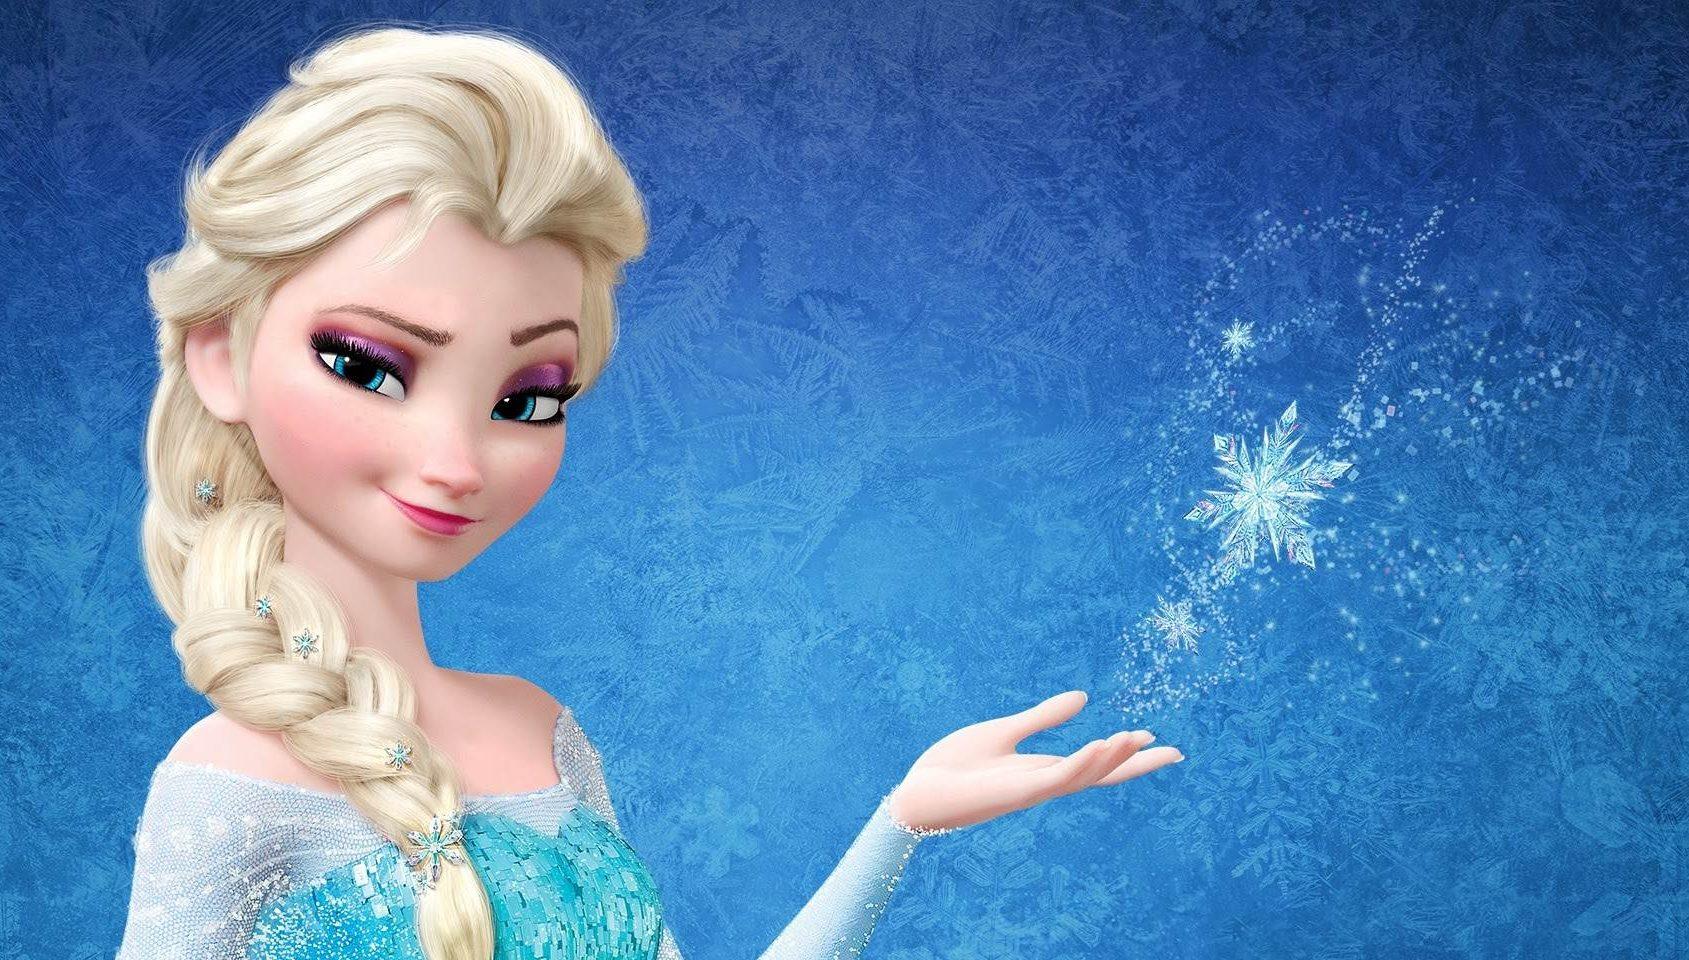 elsa snow queen in